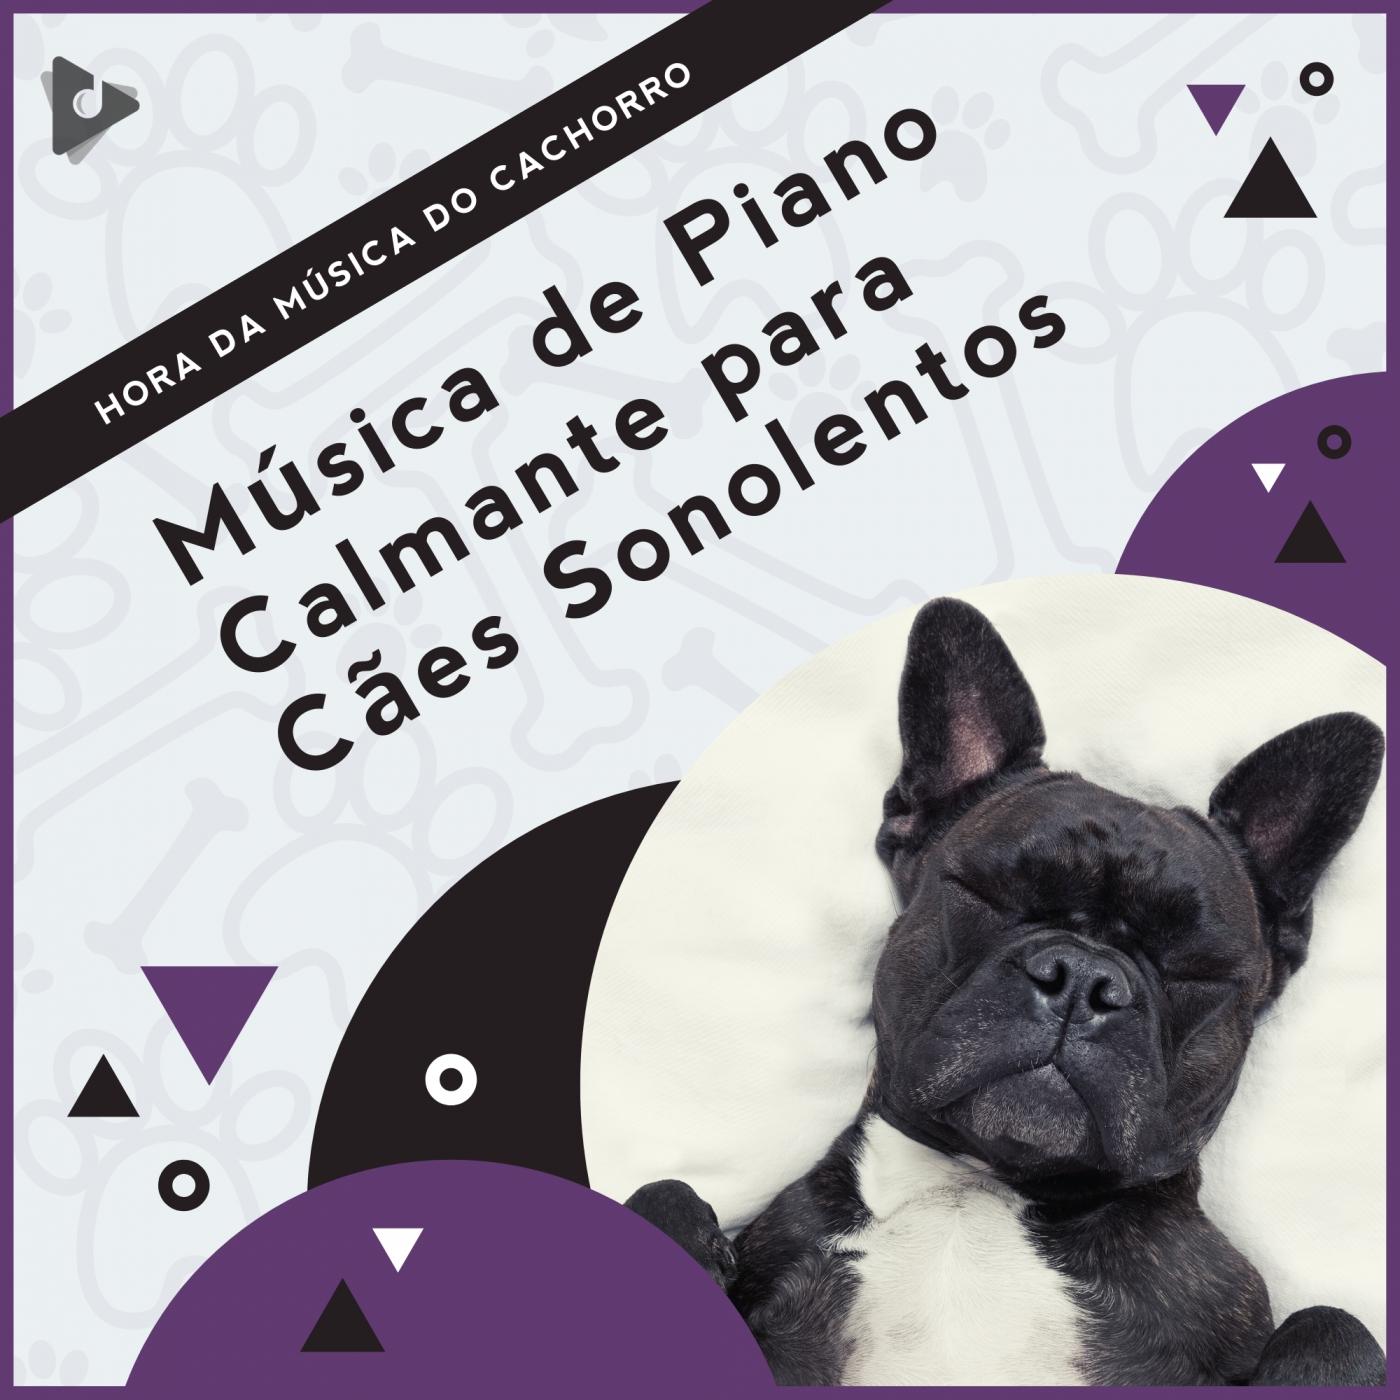 Música de Piano Calmante para Cães Sonolentos